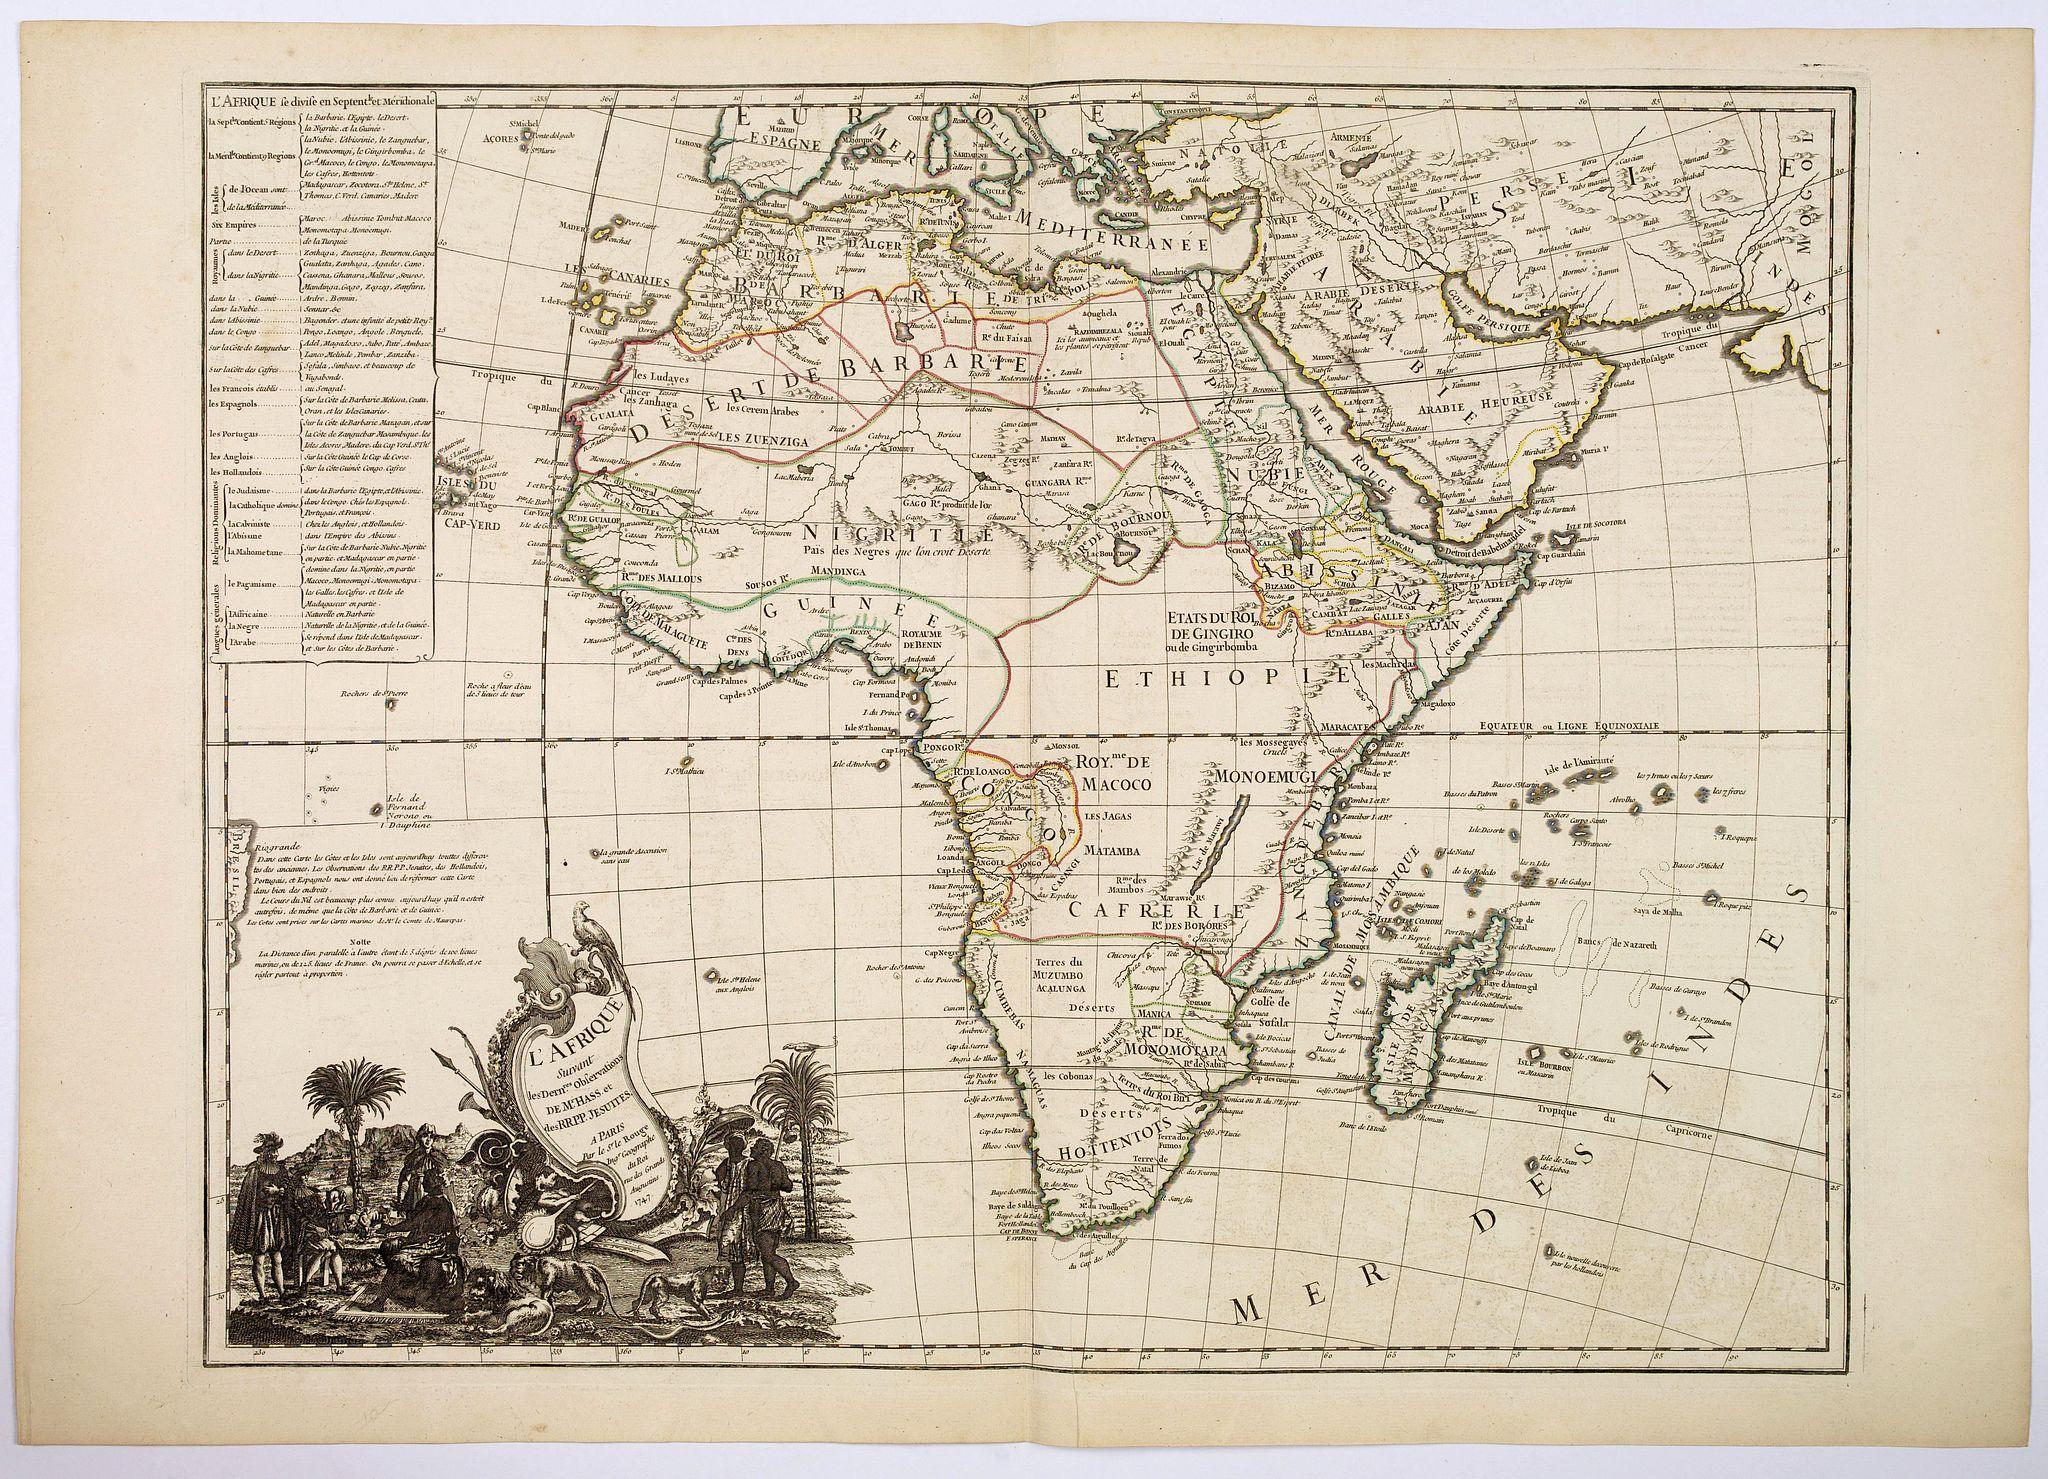 LE ROUGE, G.L. - L'Afrique Suivant les Dern.res Observations de Mr. Hass et des R.R.P.P. Jesuites.